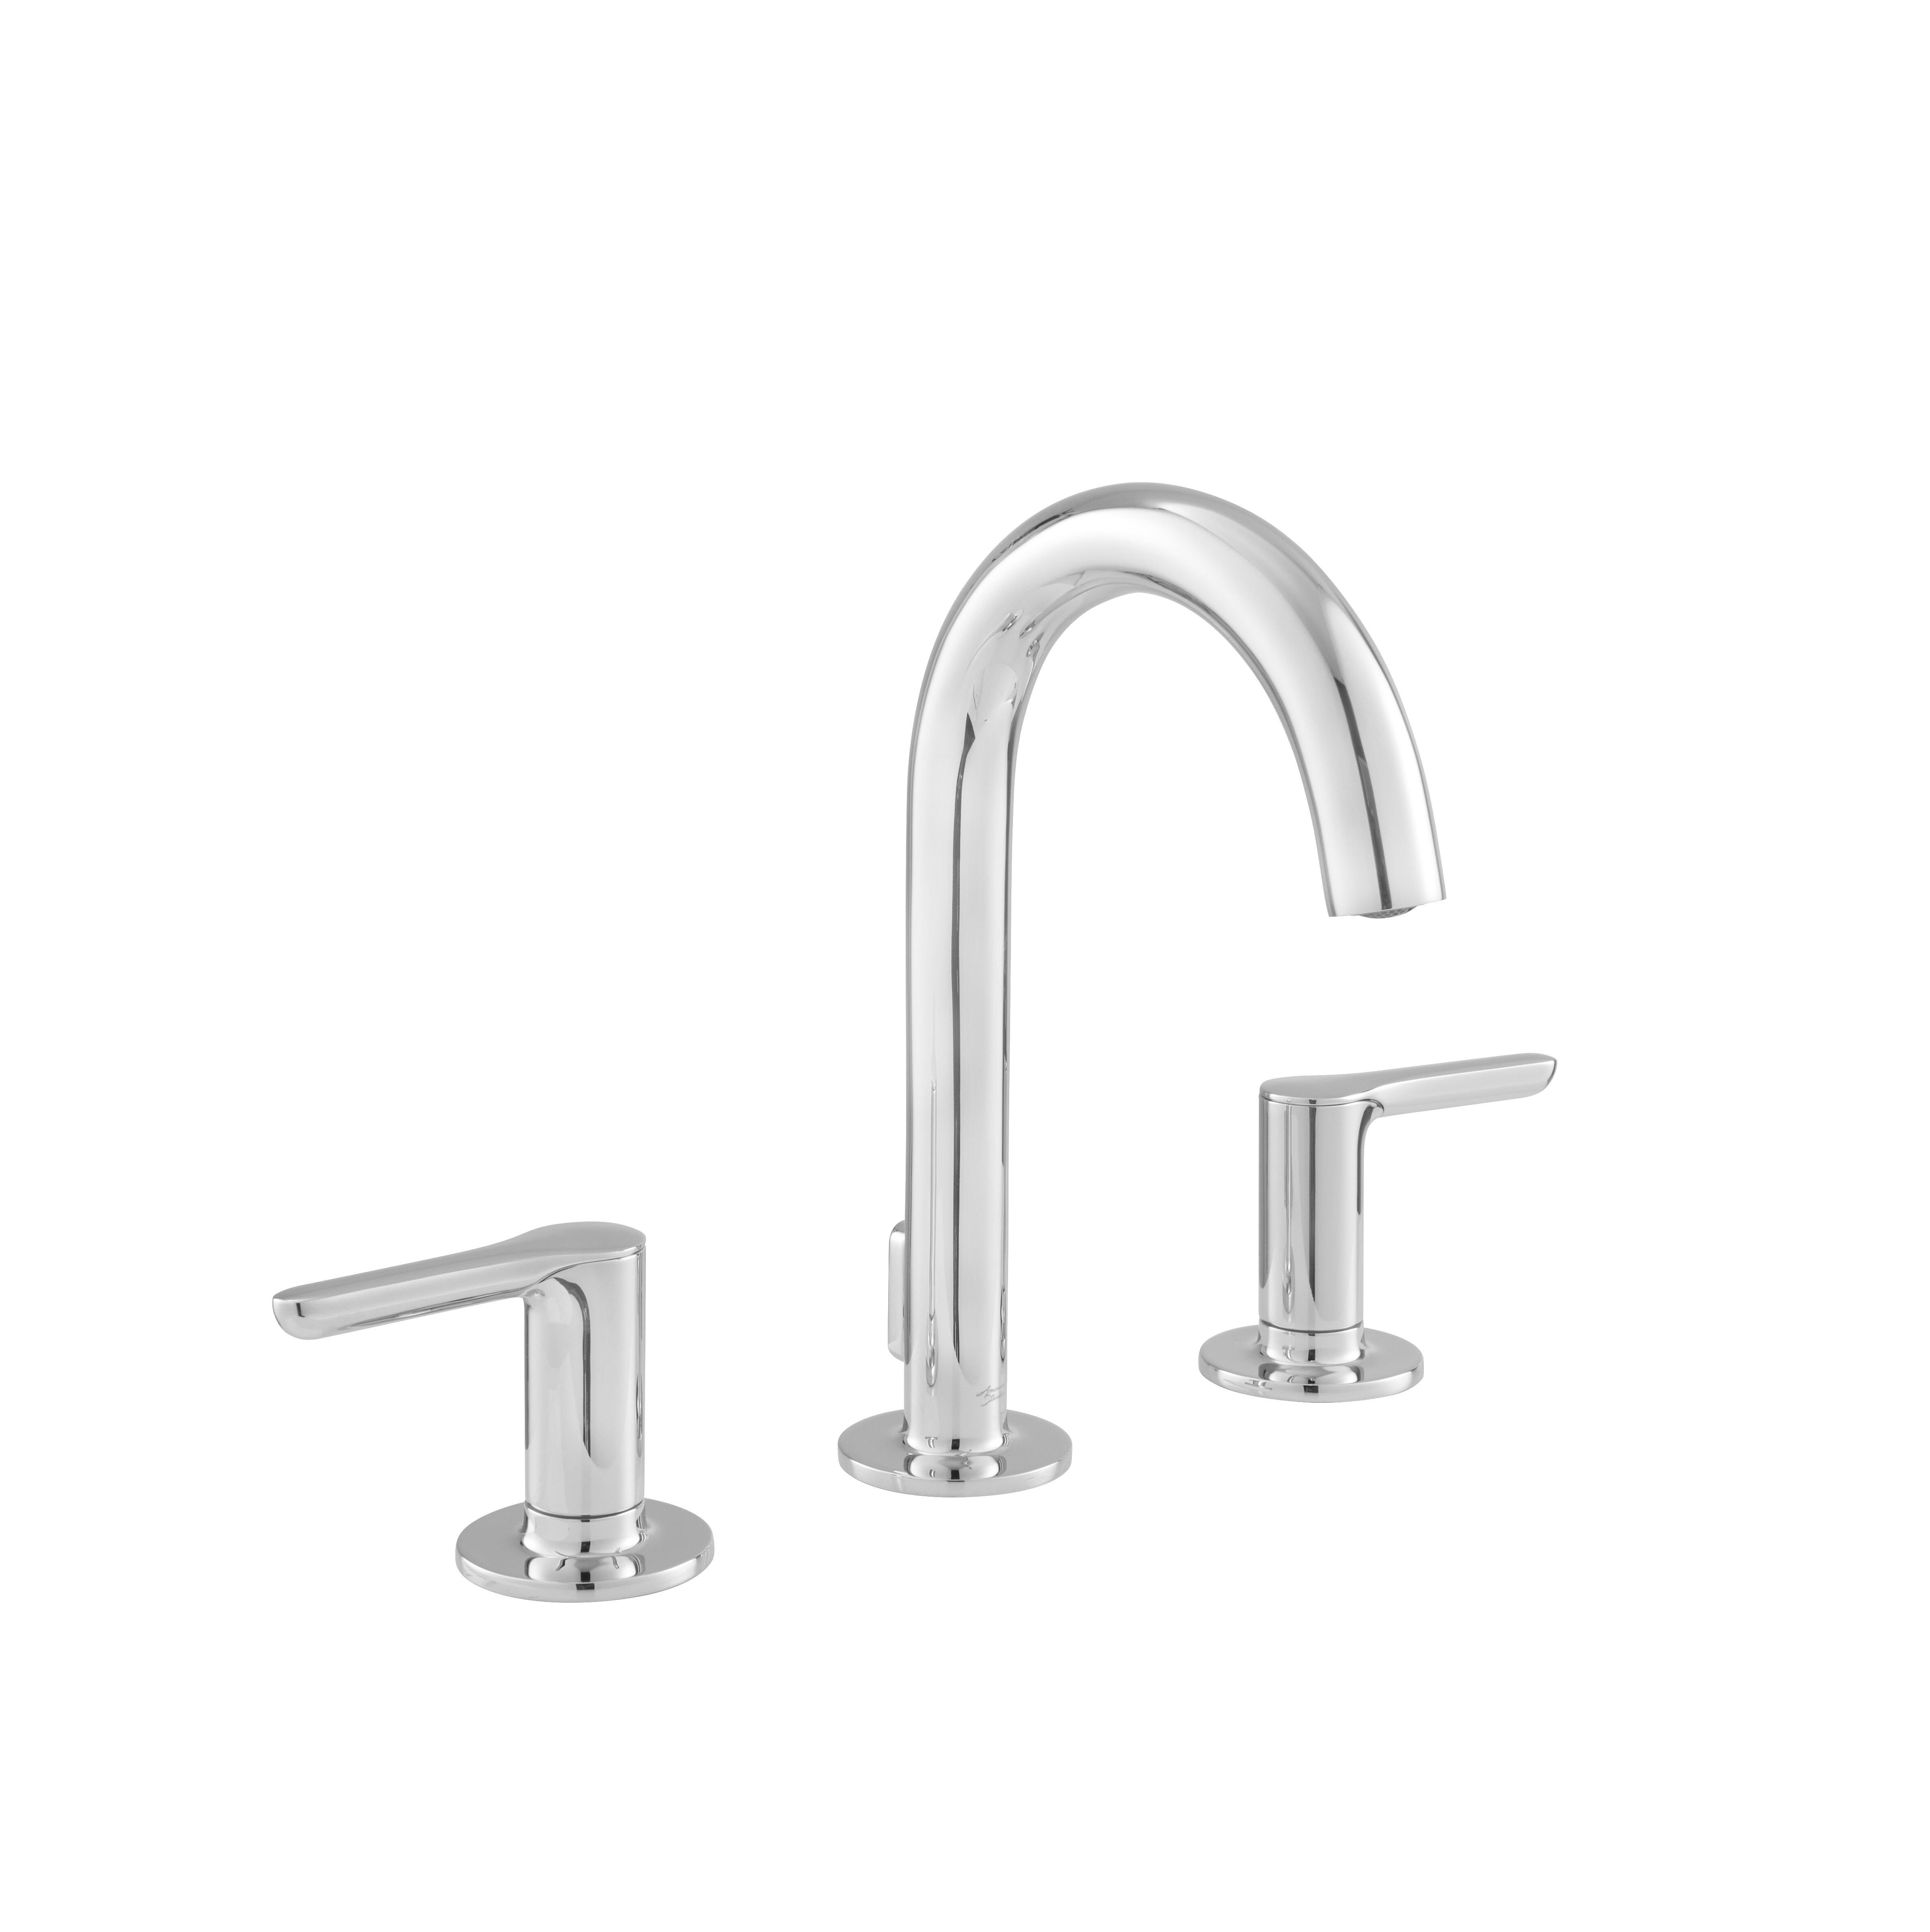 American Standard Studio S Widespread Bathroom Faucet With Drain - Bathroom vanity drain installation